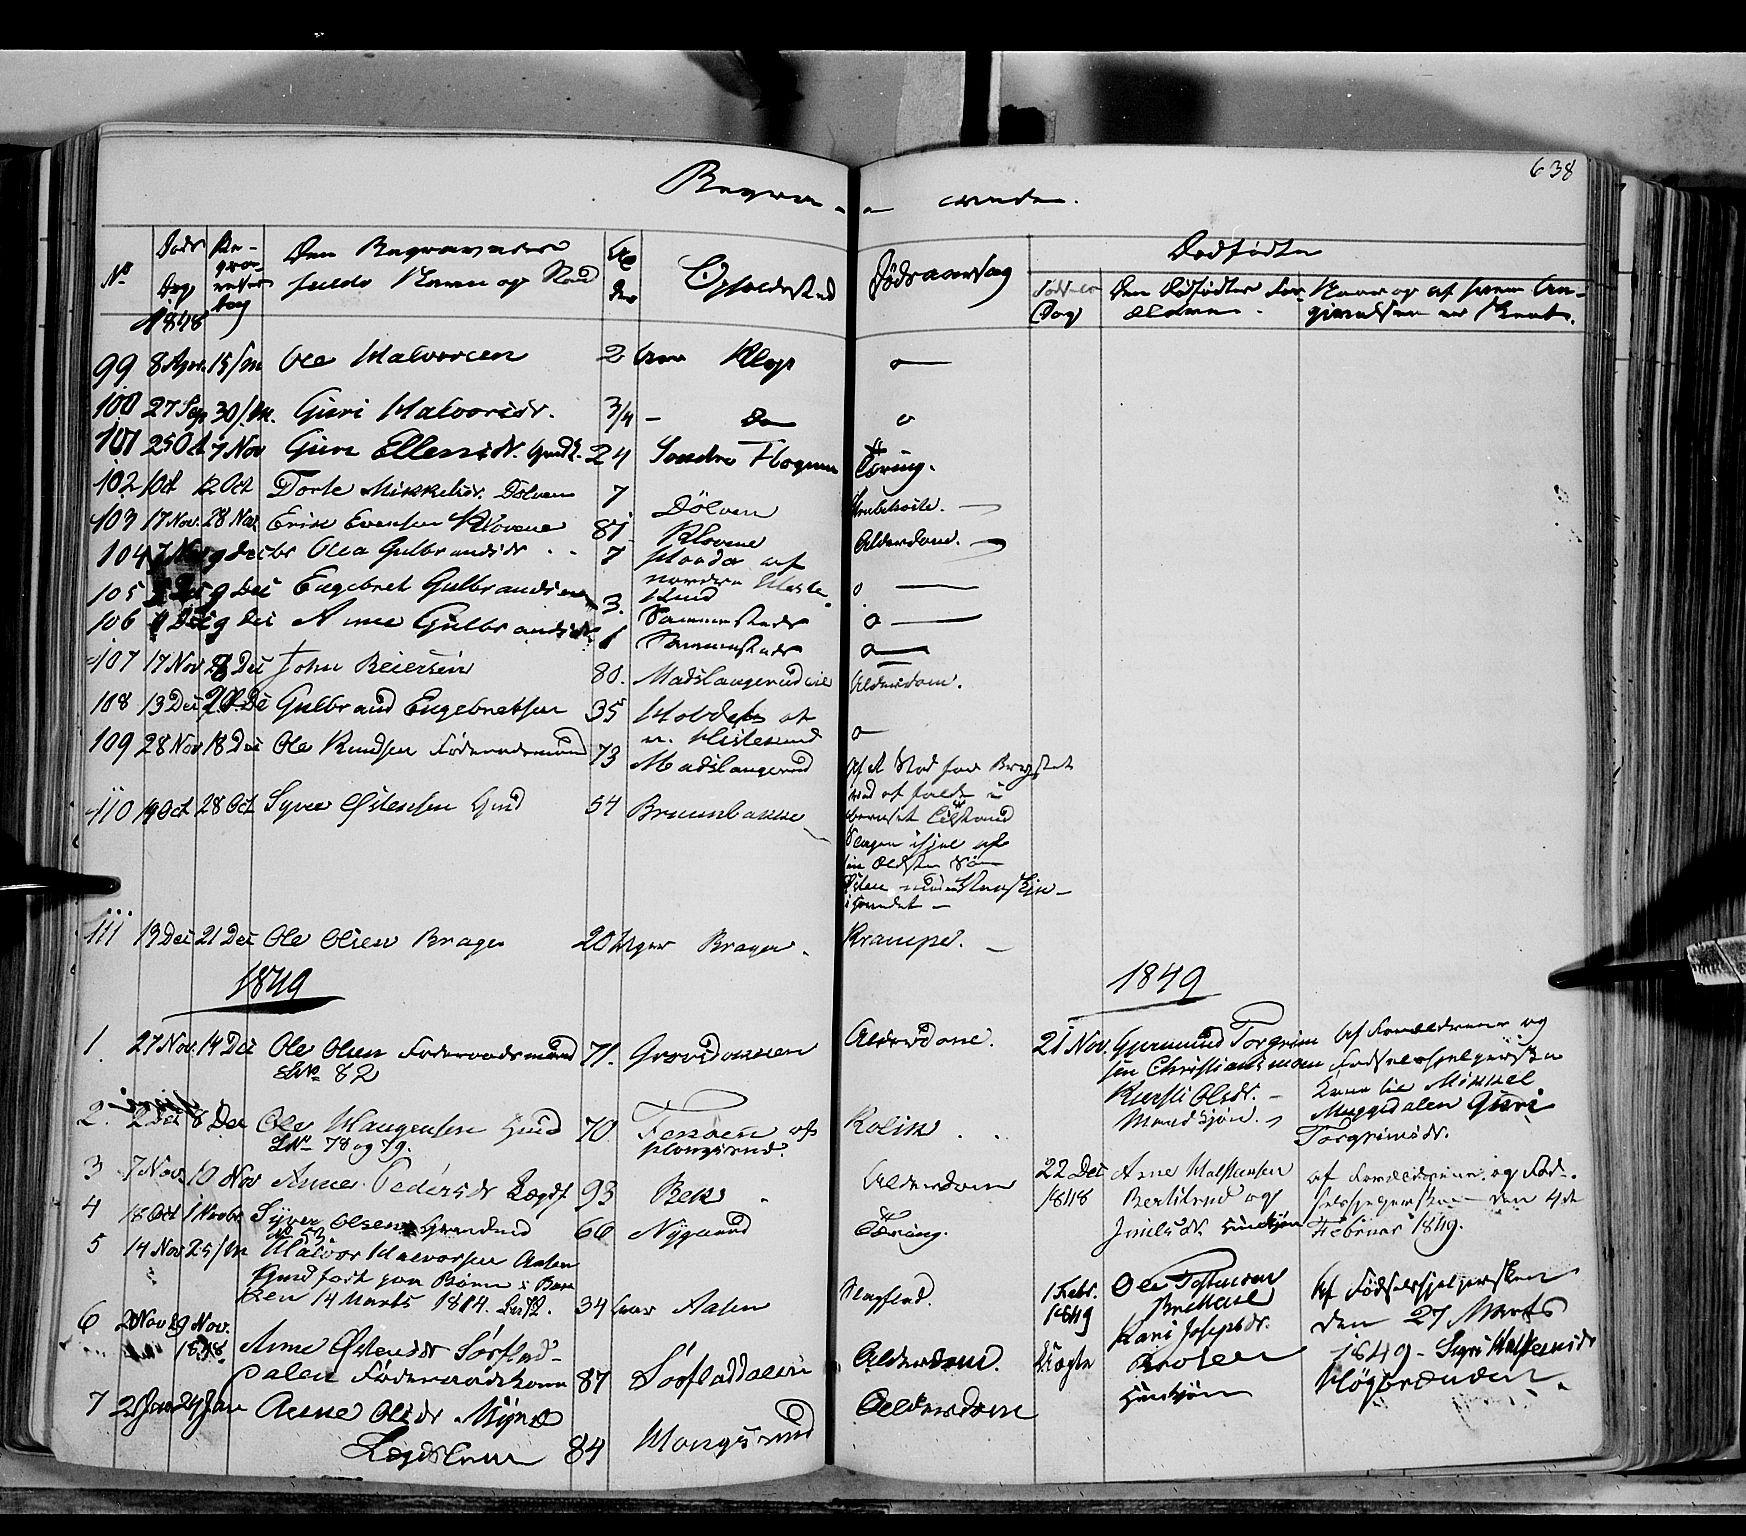 SAH, Sør-Aurdal prestekontor, Ministerialbok nr. 4, 1841-1849, s. 637-638